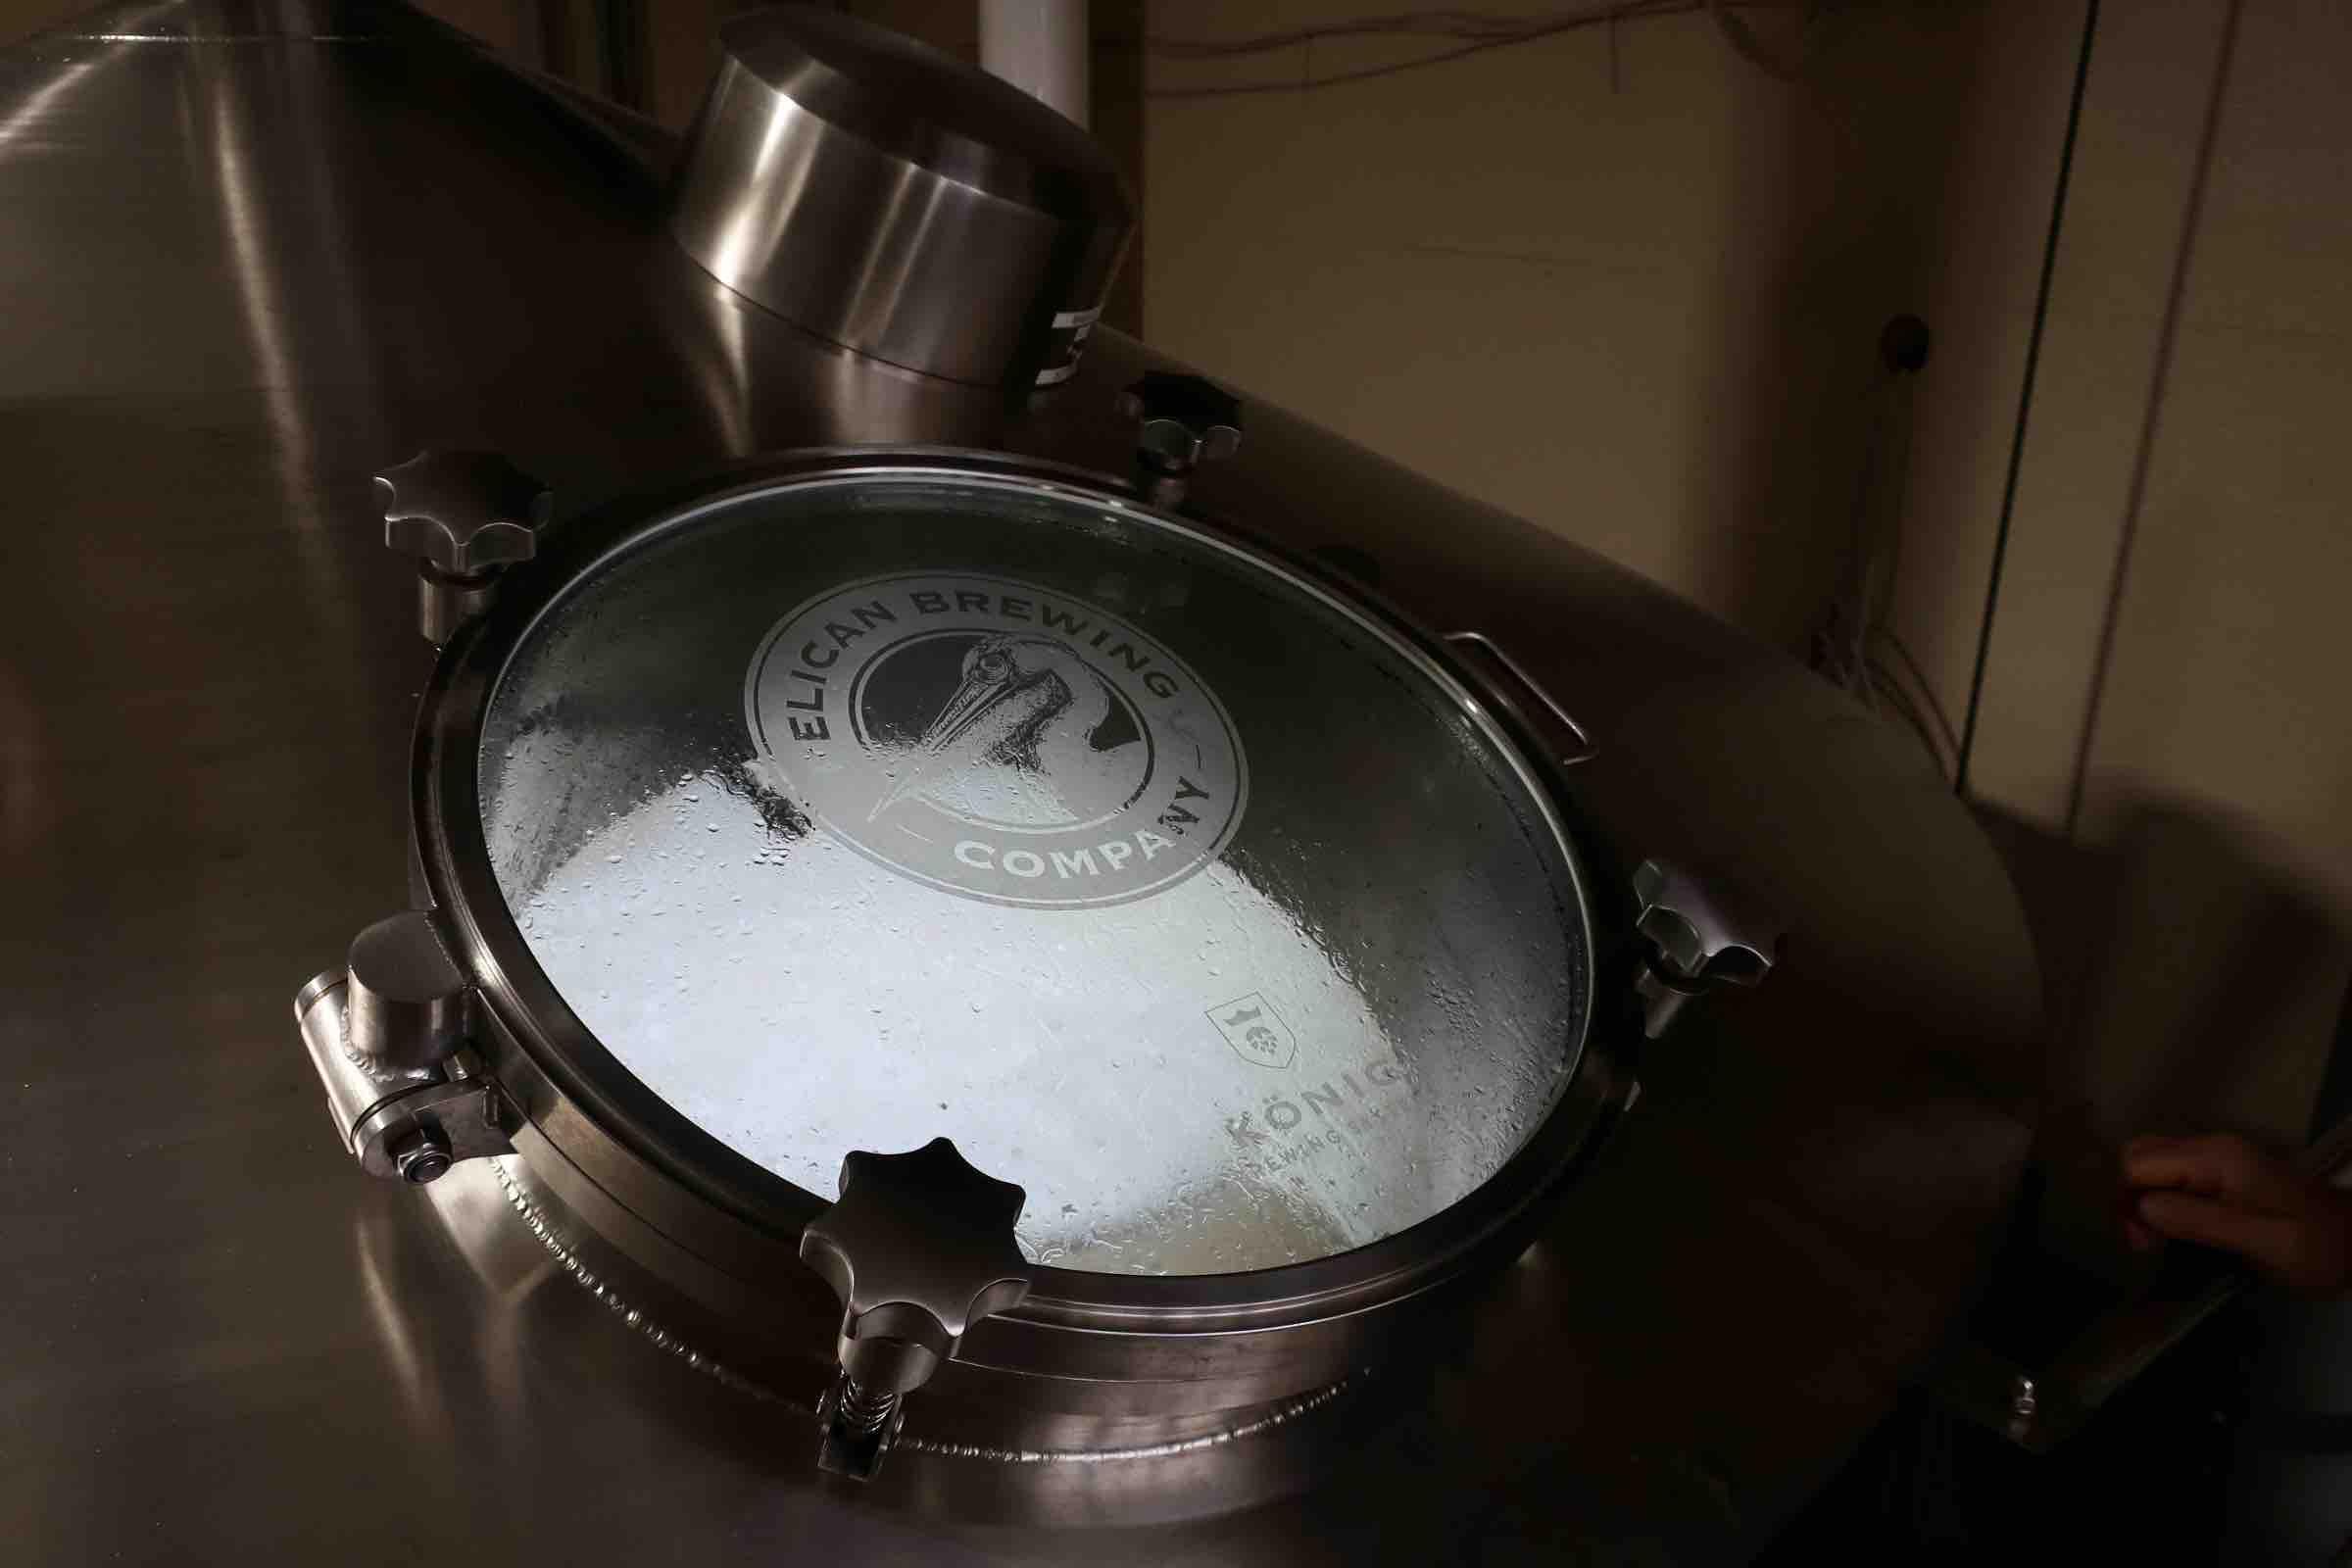 Pelican Brewing in Tillamook, Oregon.